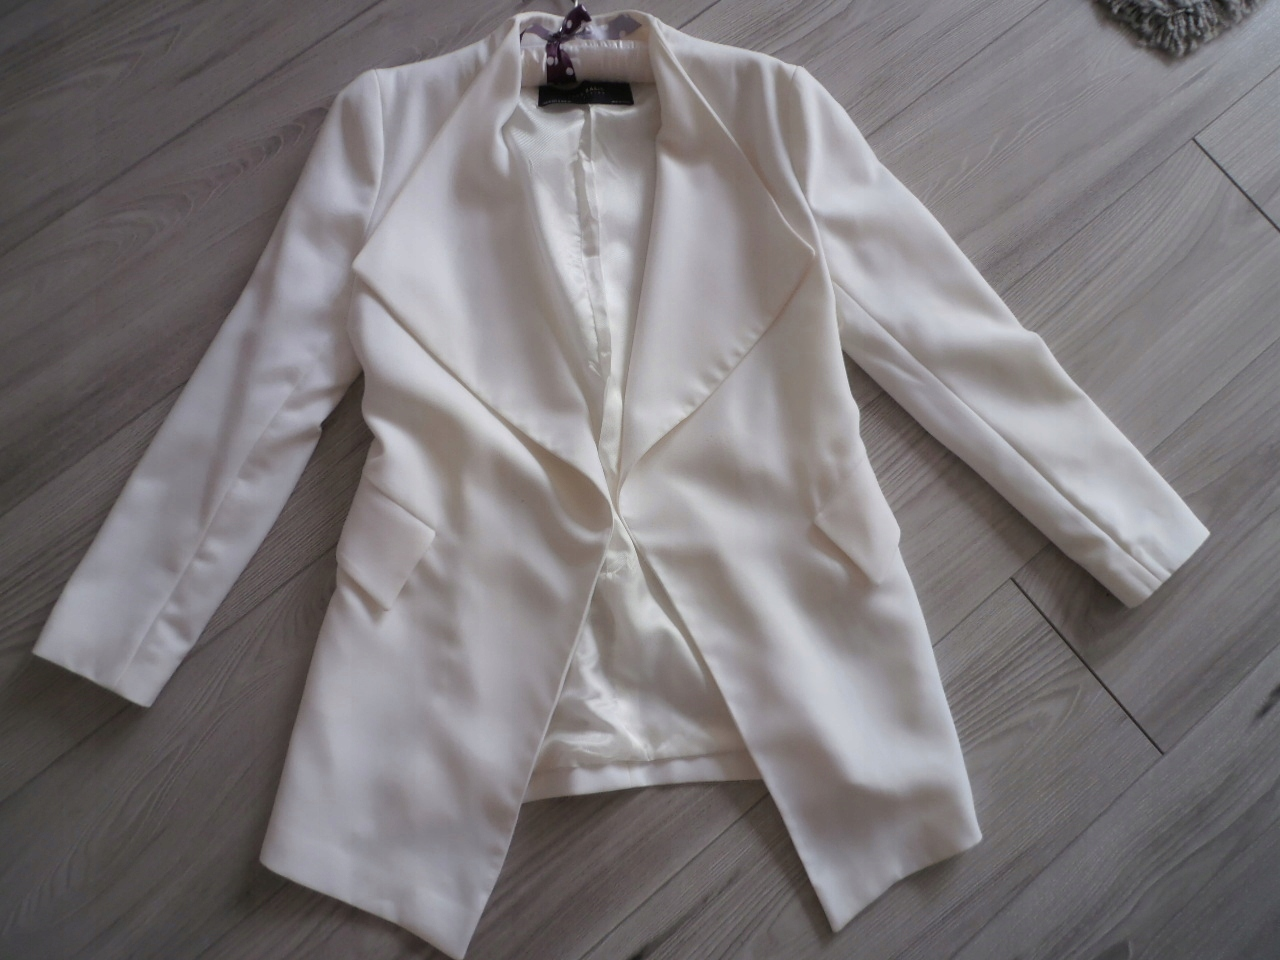 34f1cf8050ba0 Biały żakiet marynarka ZARA M kość słoniowa - 7591504790 - oficjalne ...